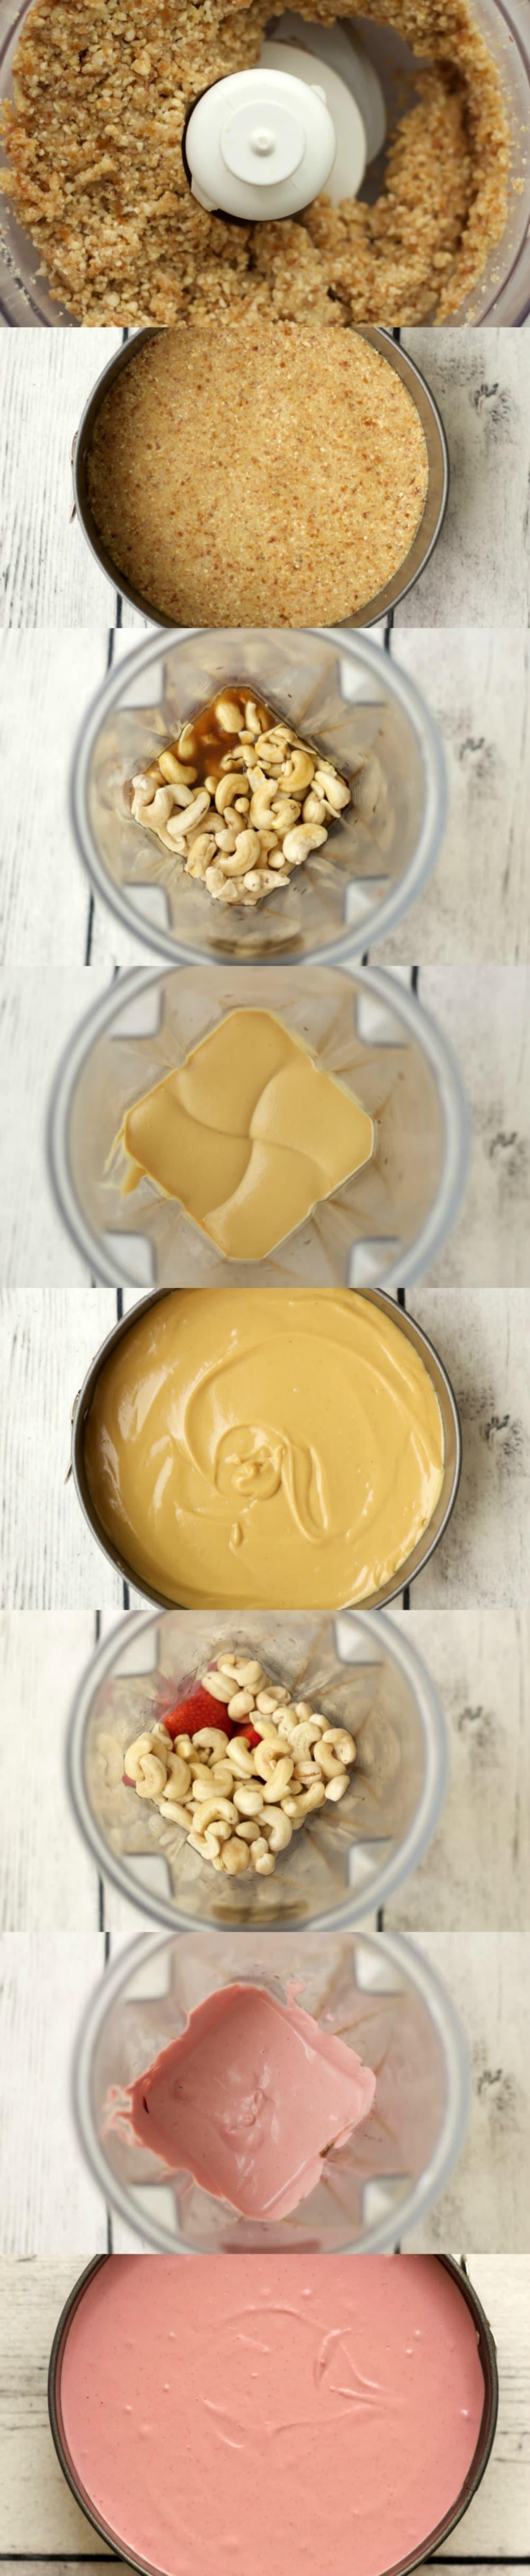 Making Raw Strawberry Cheesecake #vegan #gluten-free #dairy-free